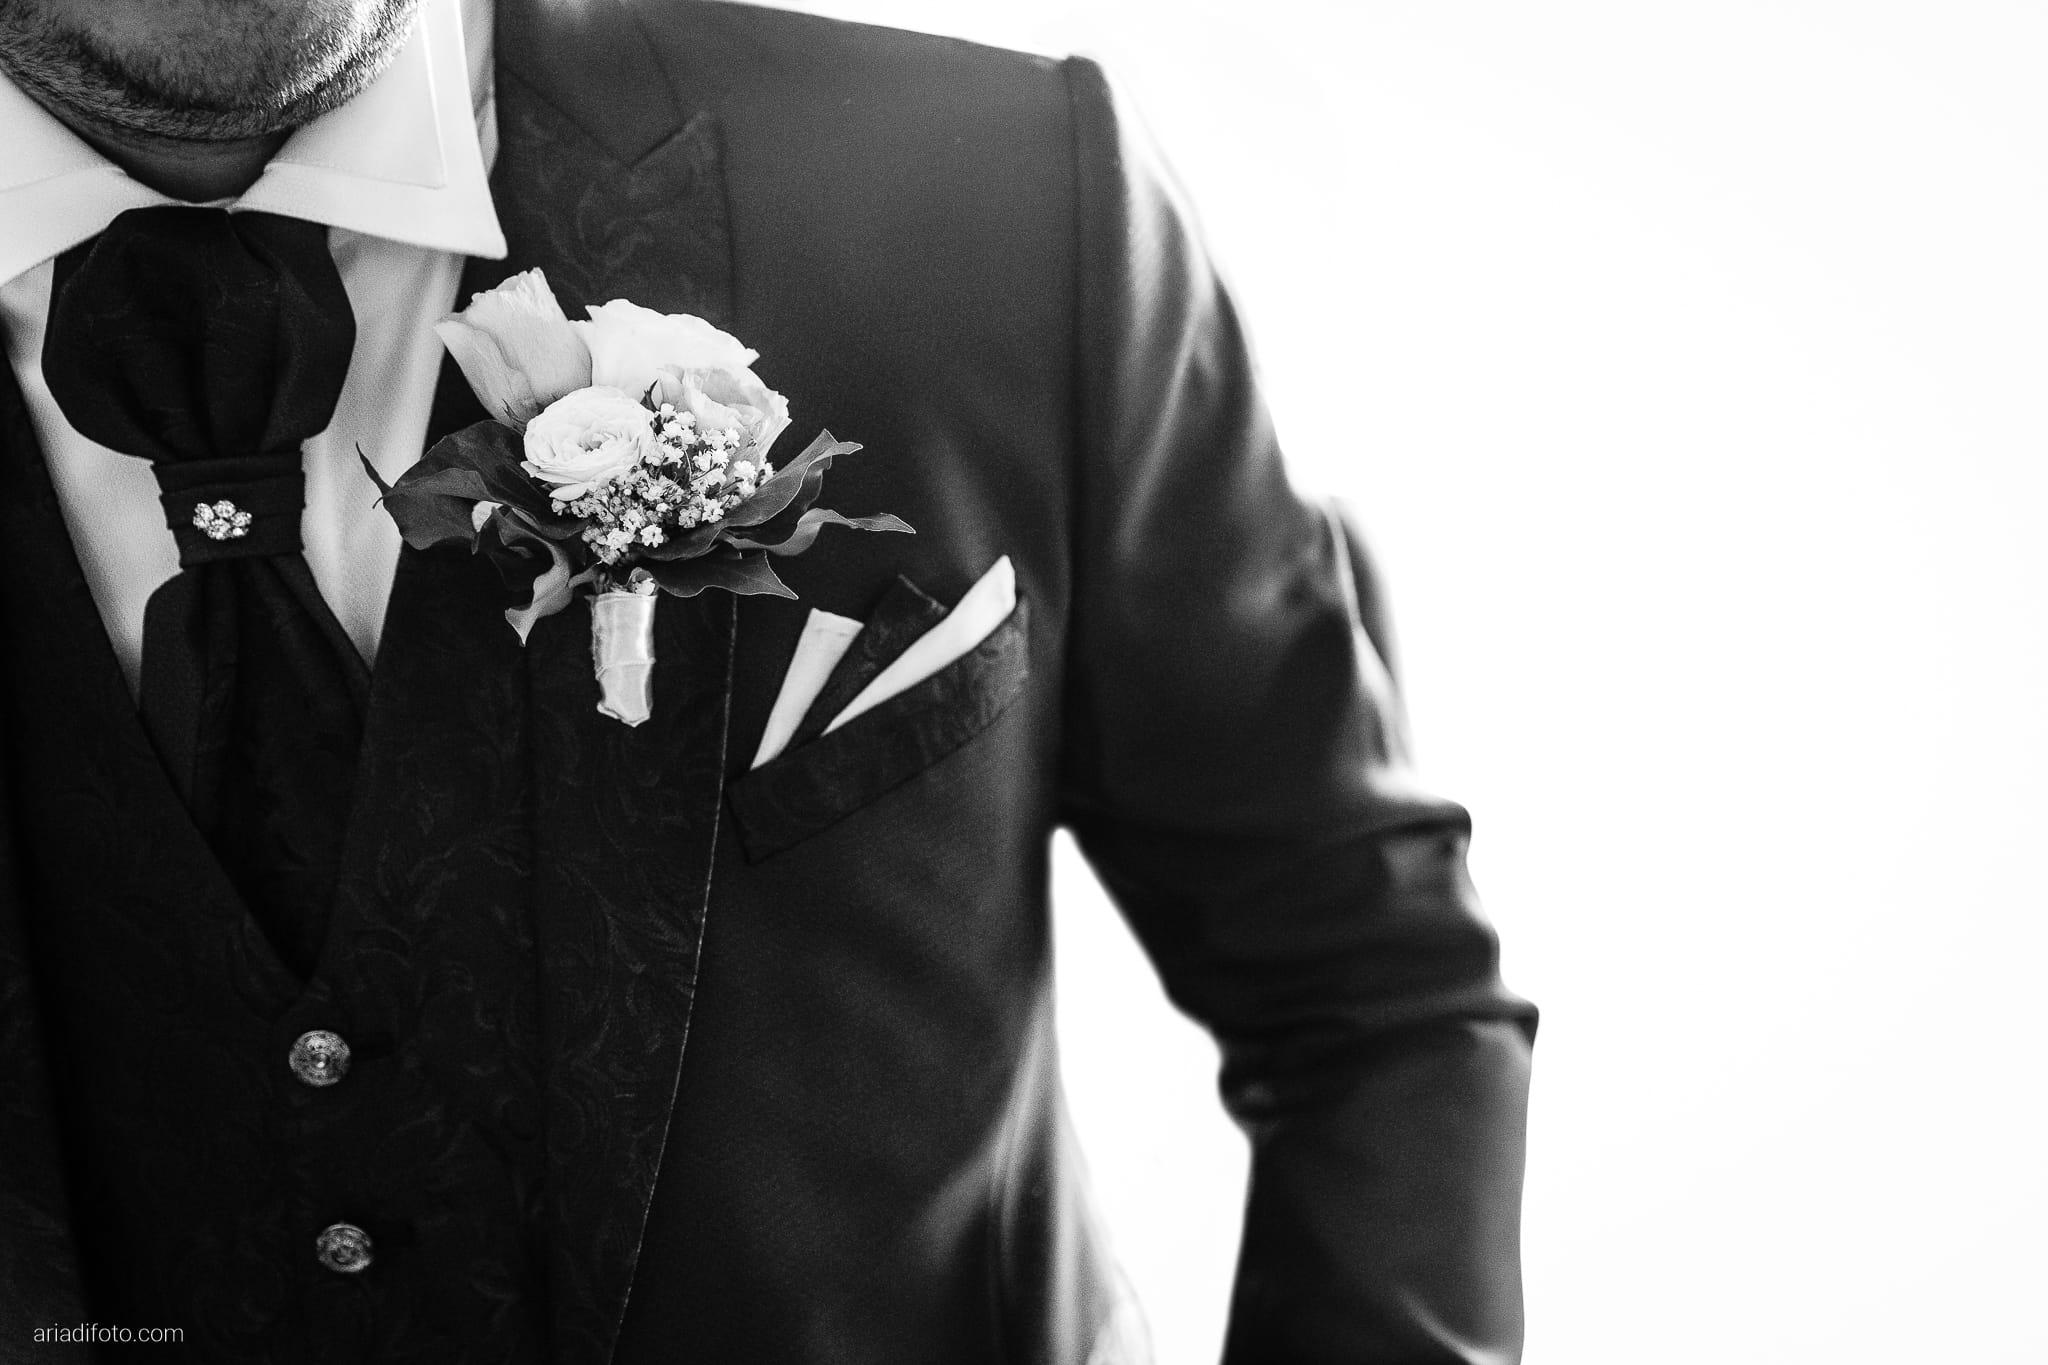 Anna Matteo Matrimonio Parco di Buttrio Udine preparativi sposo dettagli boutonniere fiore all'occhiello